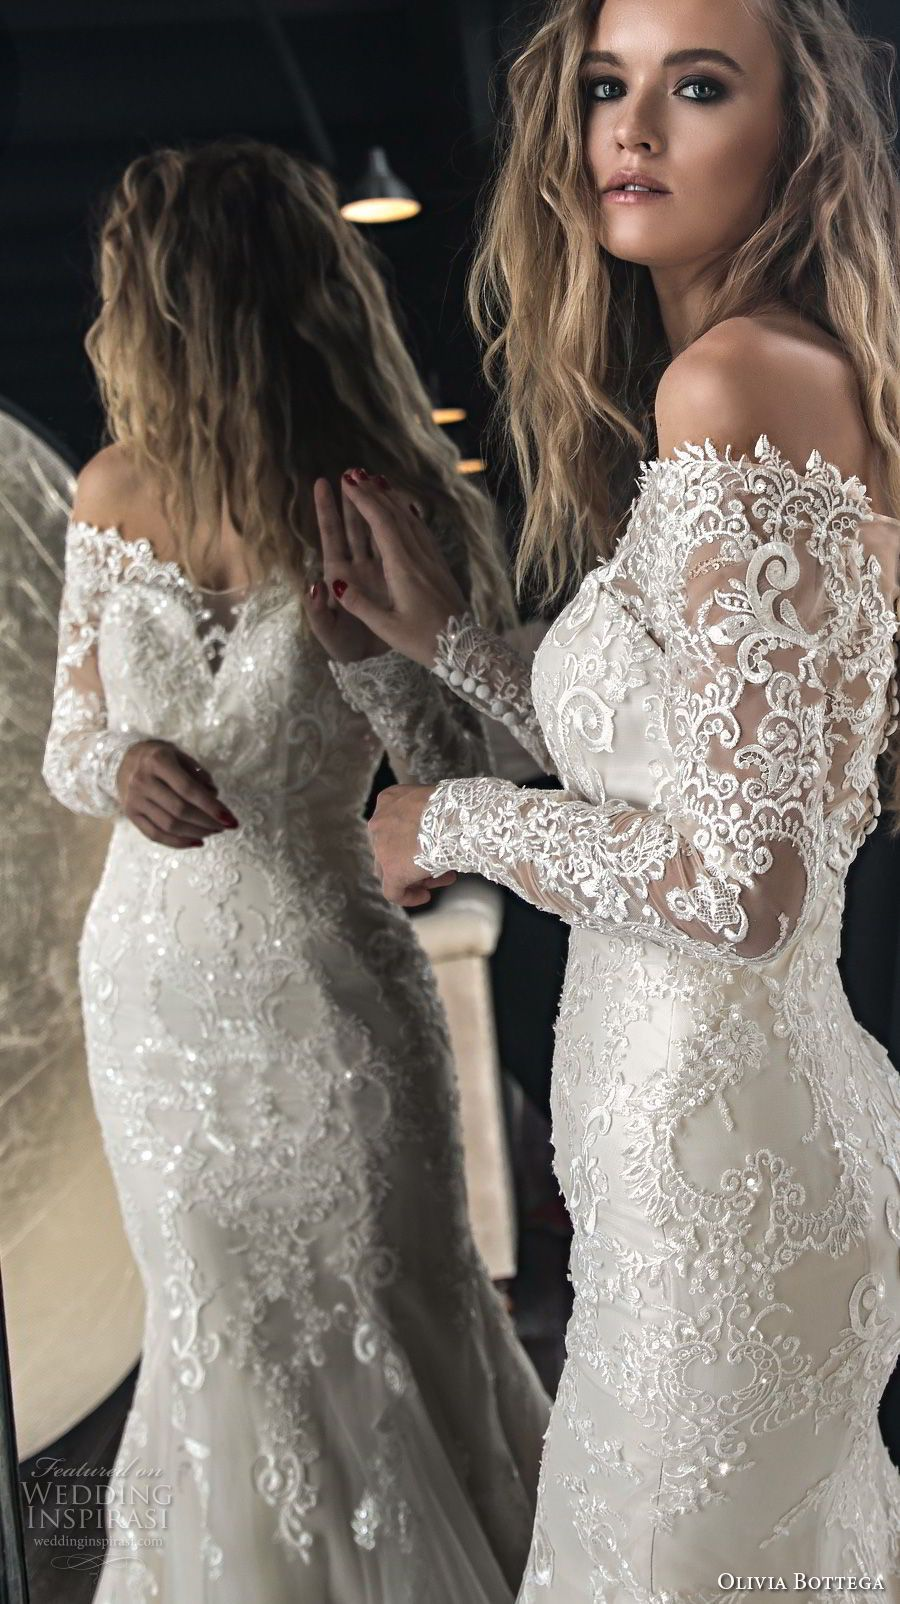 Elegant mermaid wedding dresses  Olivia Bottega  Wedding Dresses  Wedding dresses  Pinterest